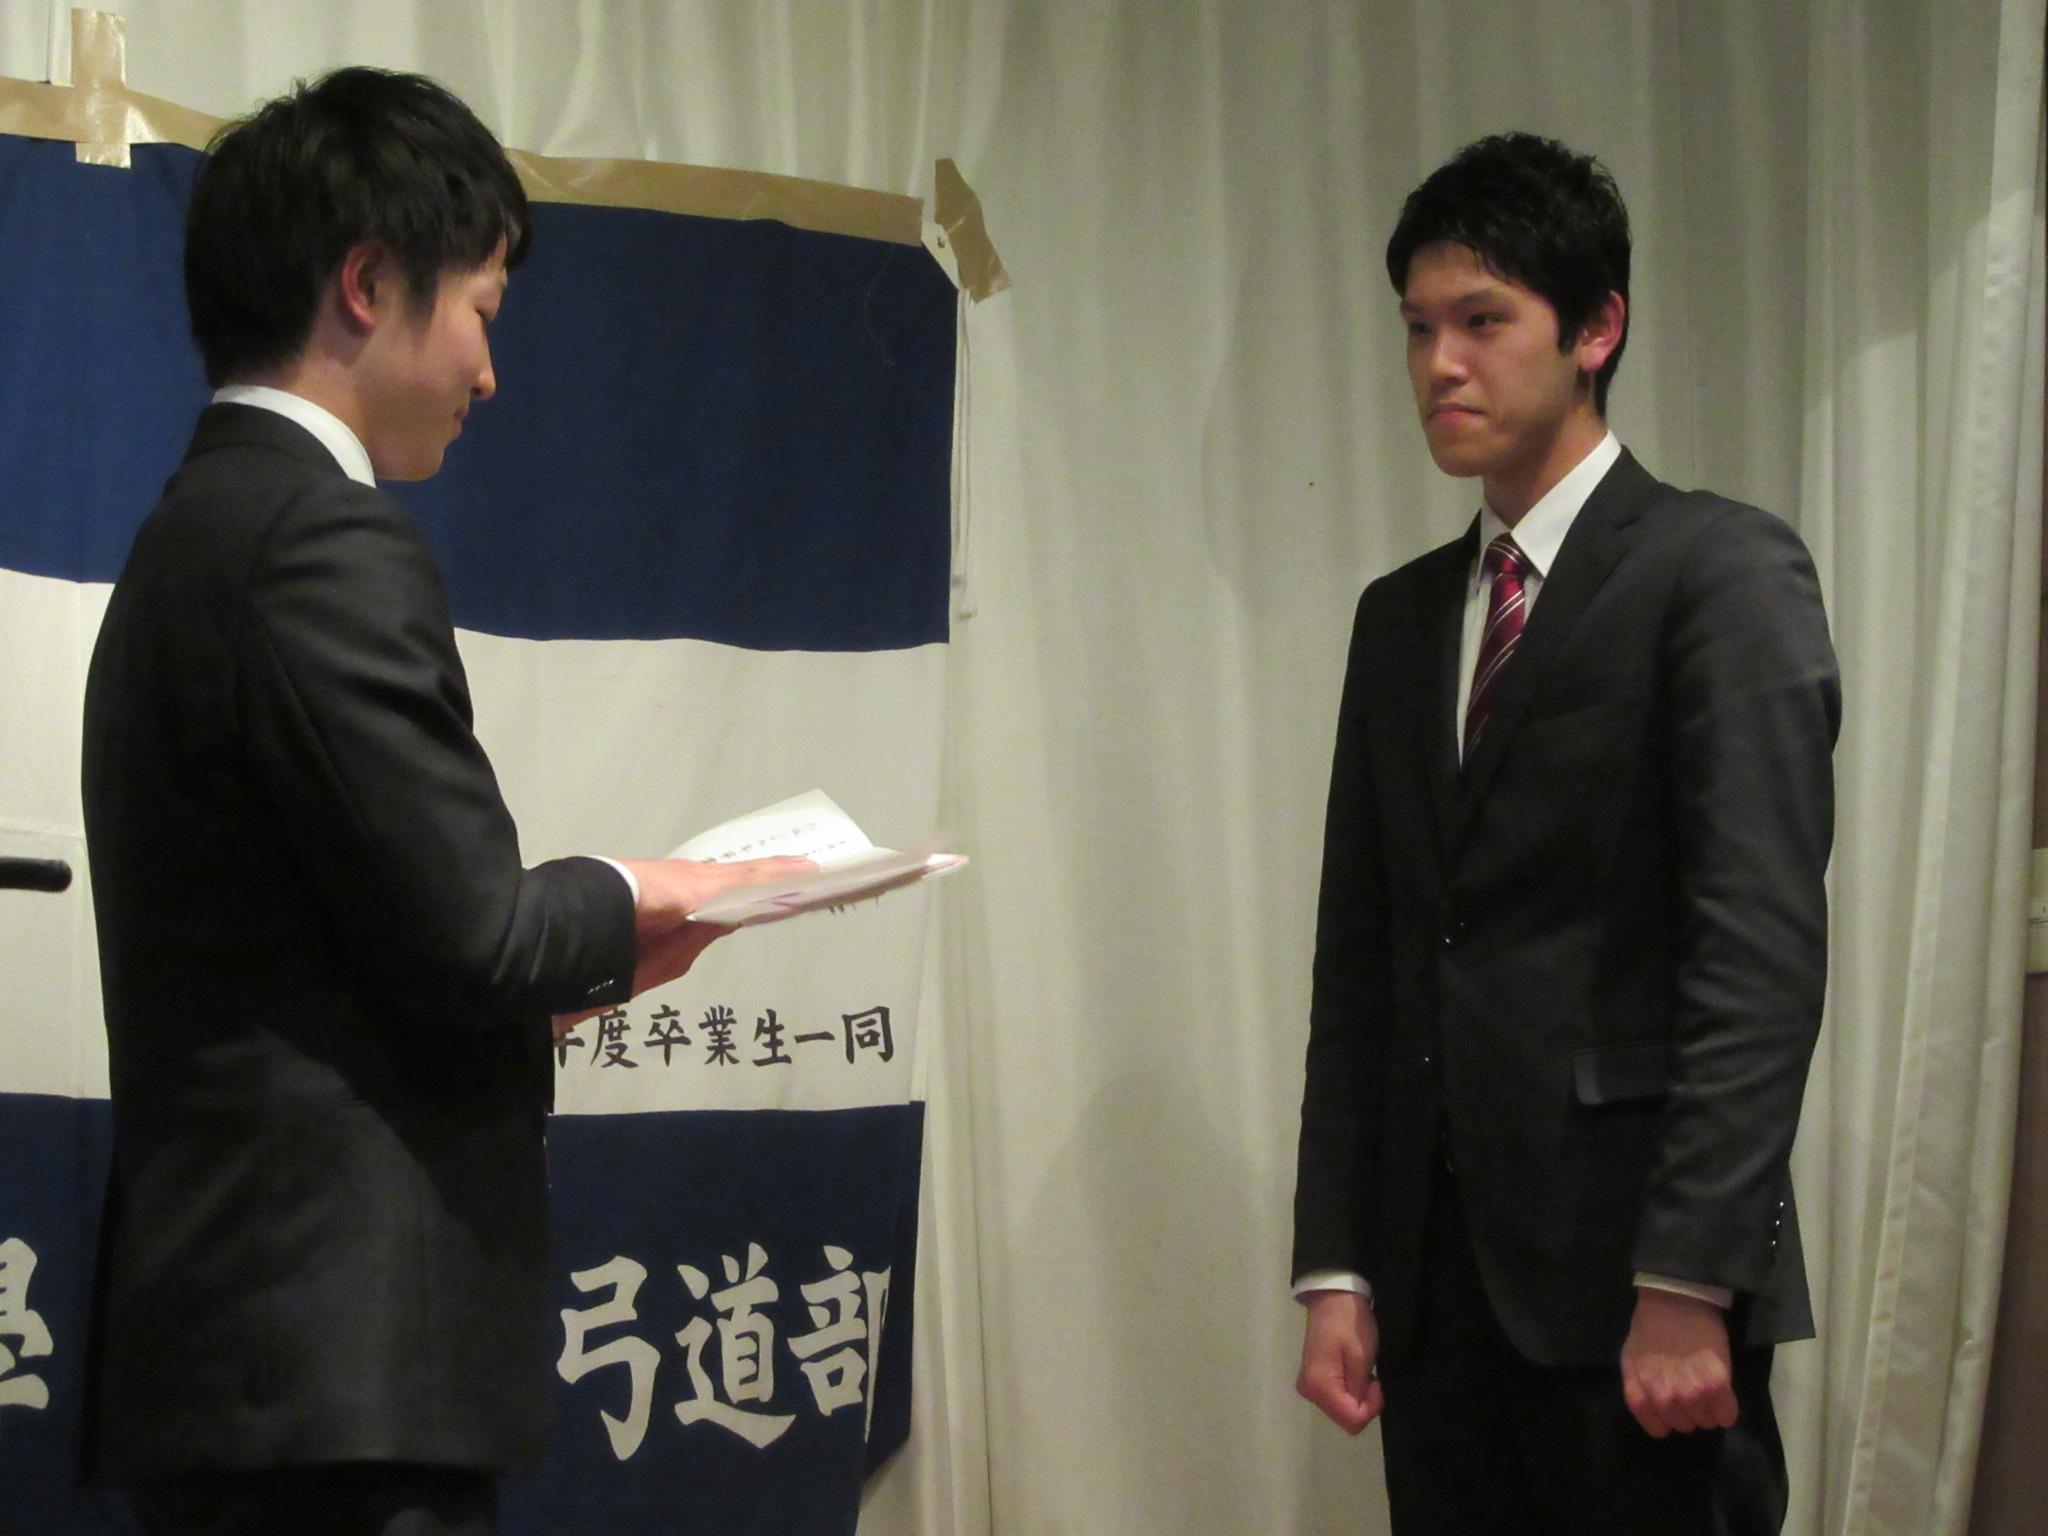 卒部生一同から矢箱の贈呈